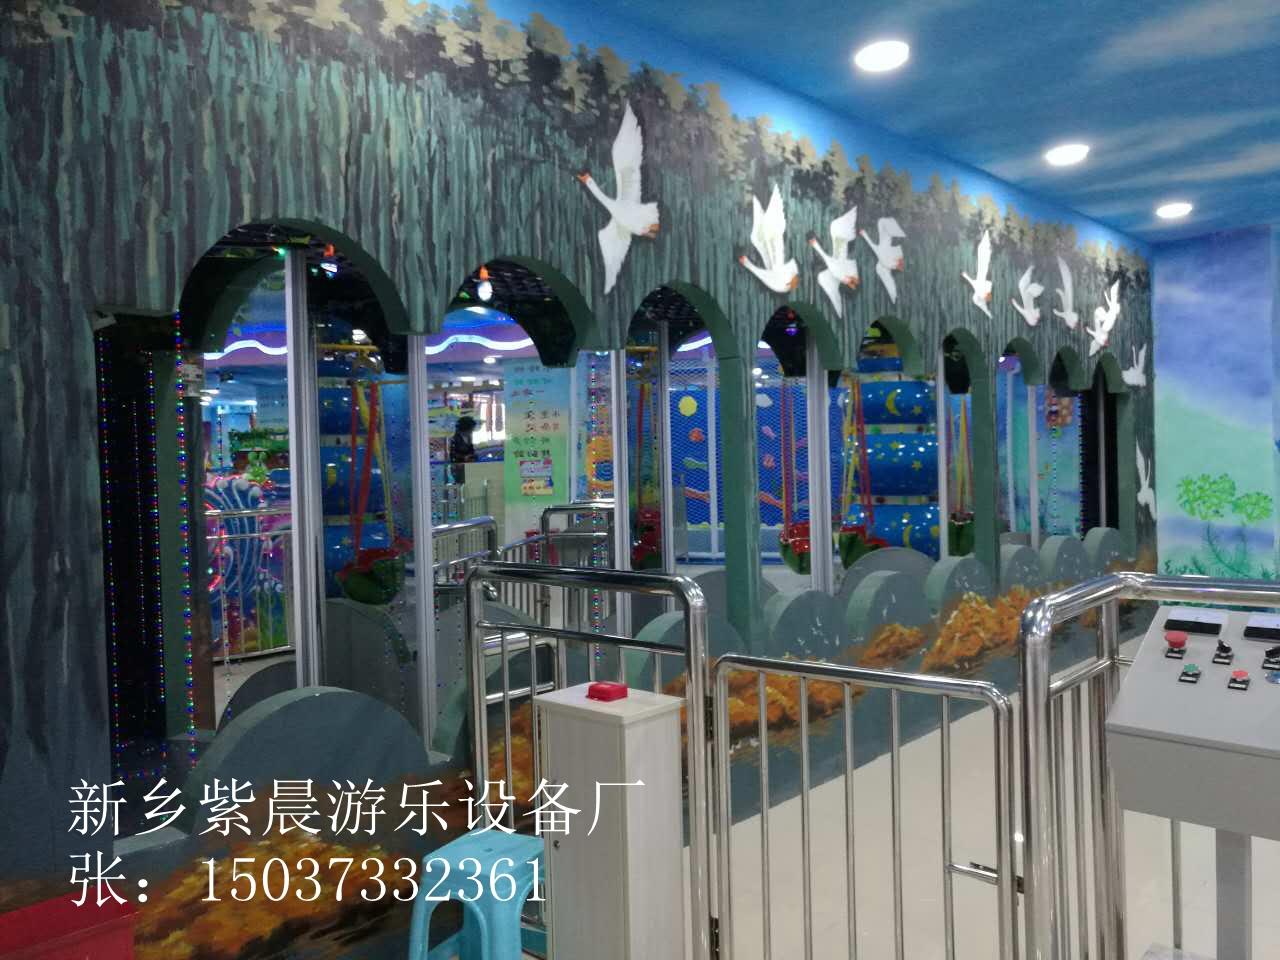 镜子迷宫供应镜子迷宫平面图镜子迷宫游乐设备新款镜宫